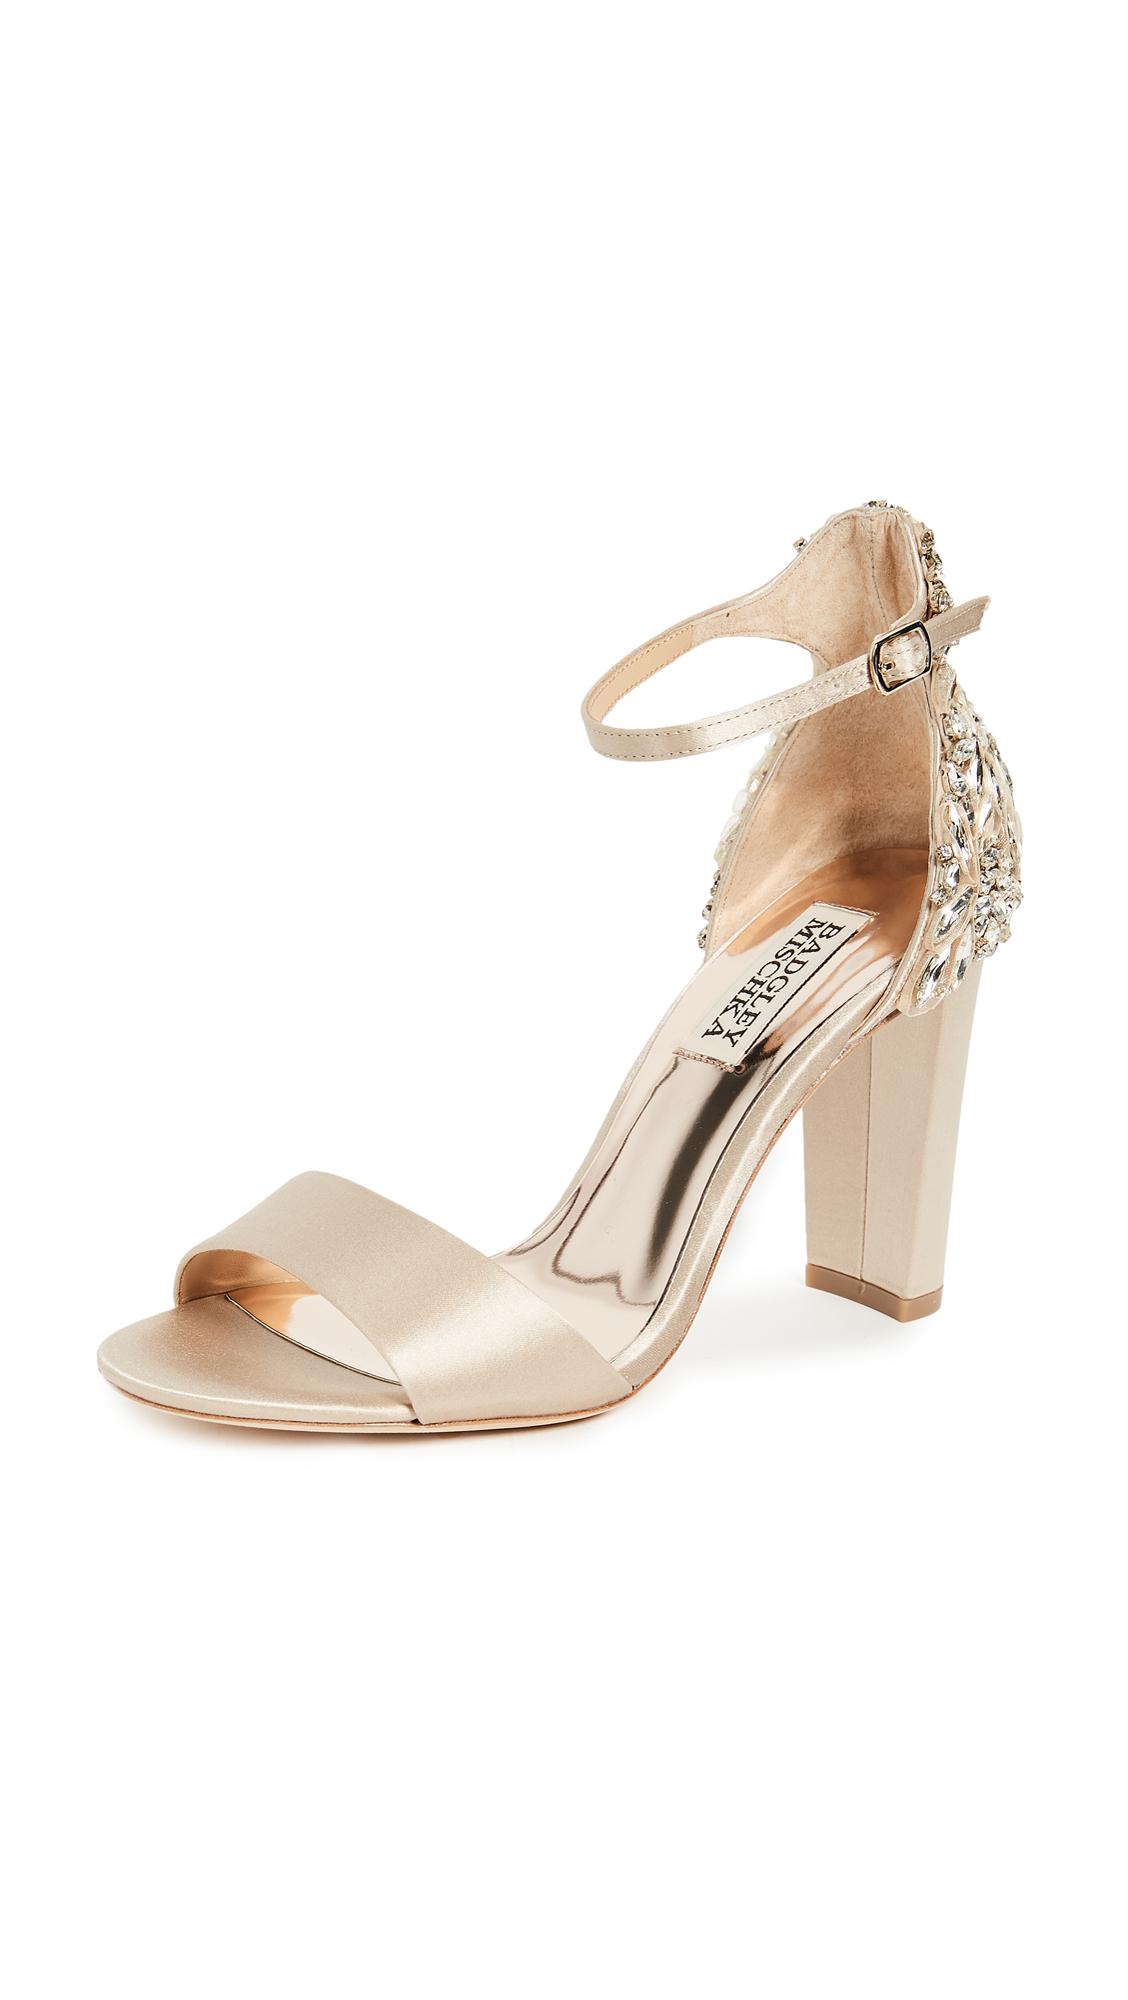 Badgley Mischka Seina Ankle Strap Sandals